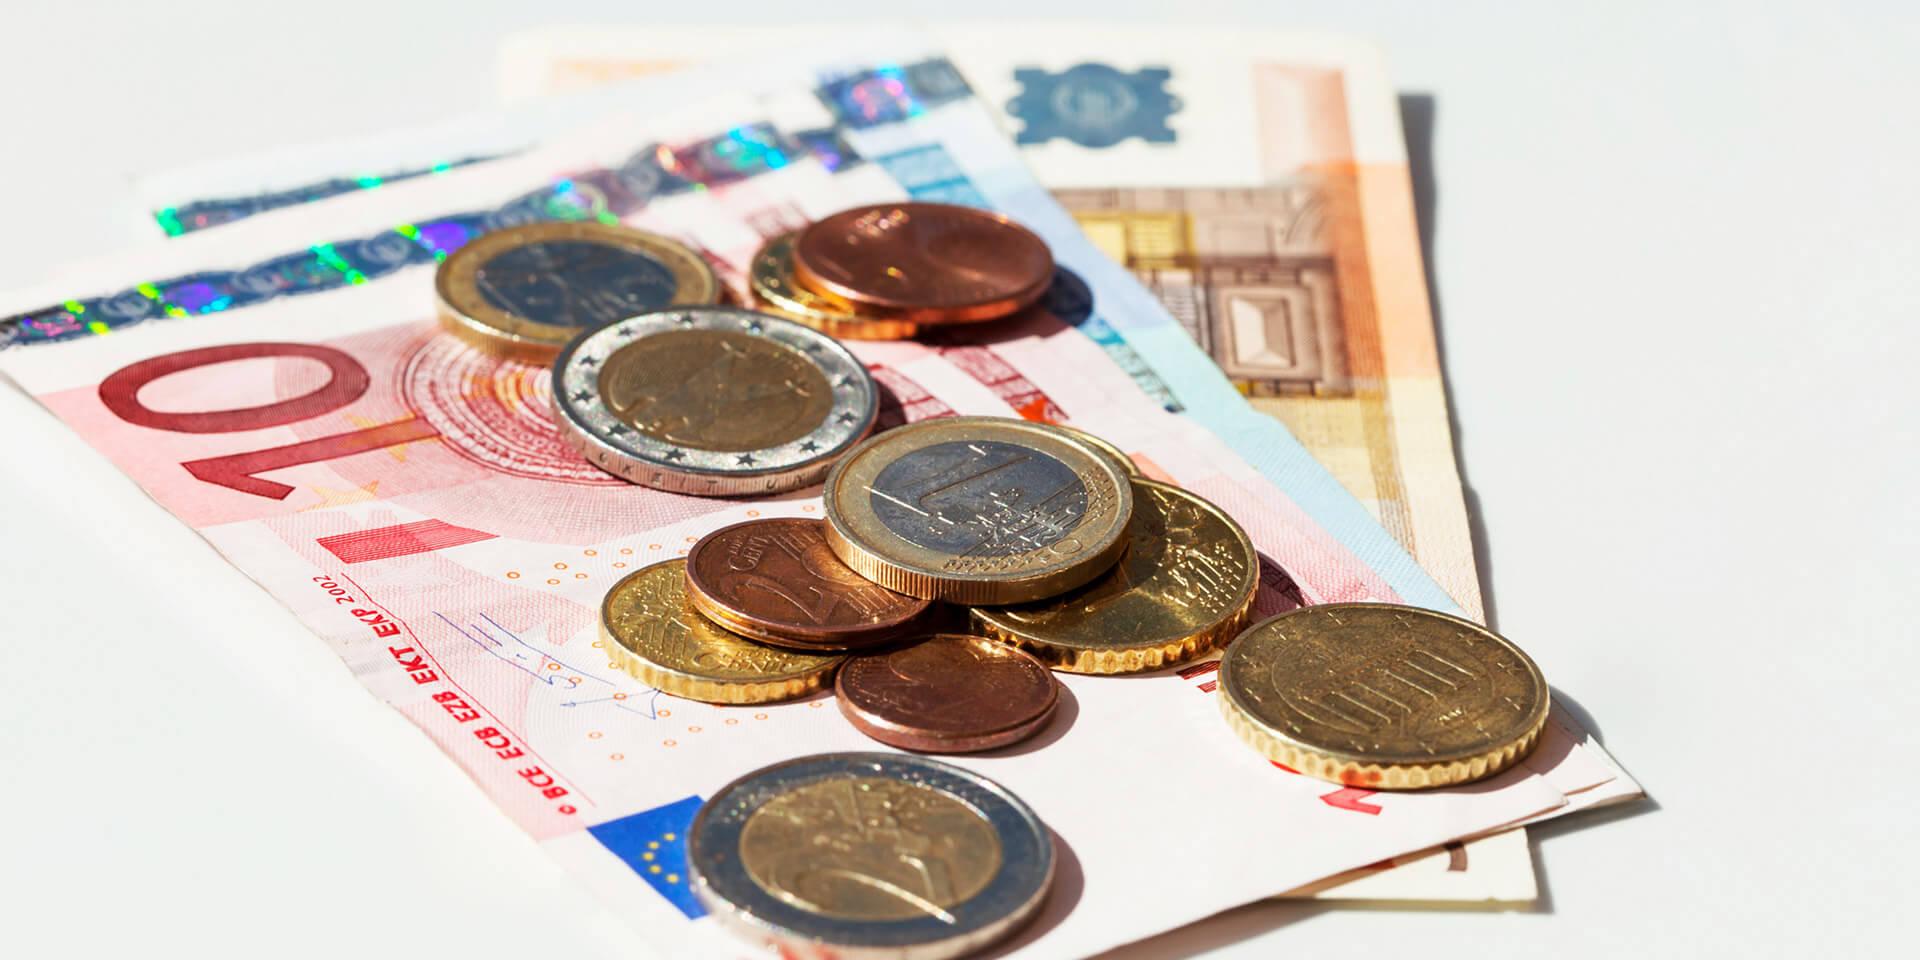 Verschiedene Euroscheine und Münzen